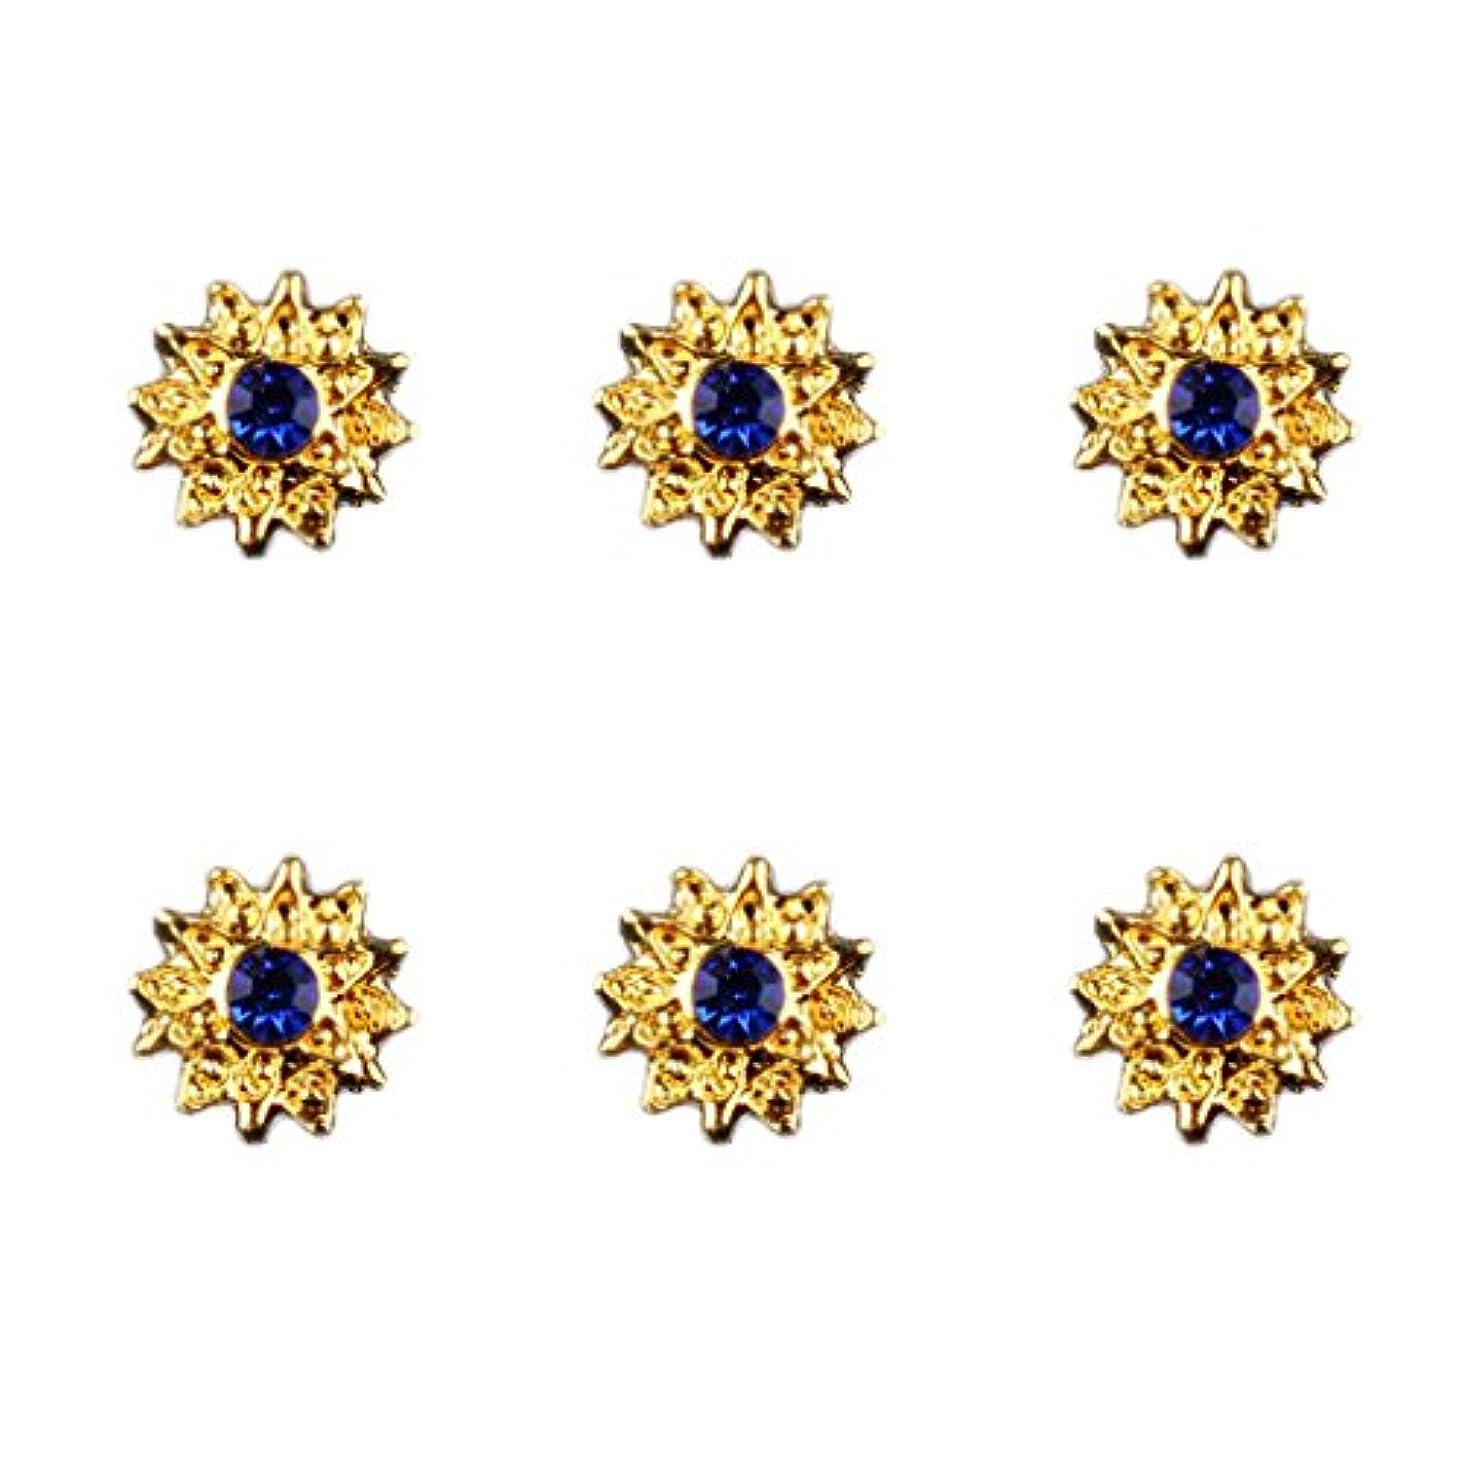 インタネットを見る花火報告書SM SunniMix 約50個入り マニキュア ダイヤモンド 3Dネイルアート ヒントステッカー 装飾 全8種類 - 6